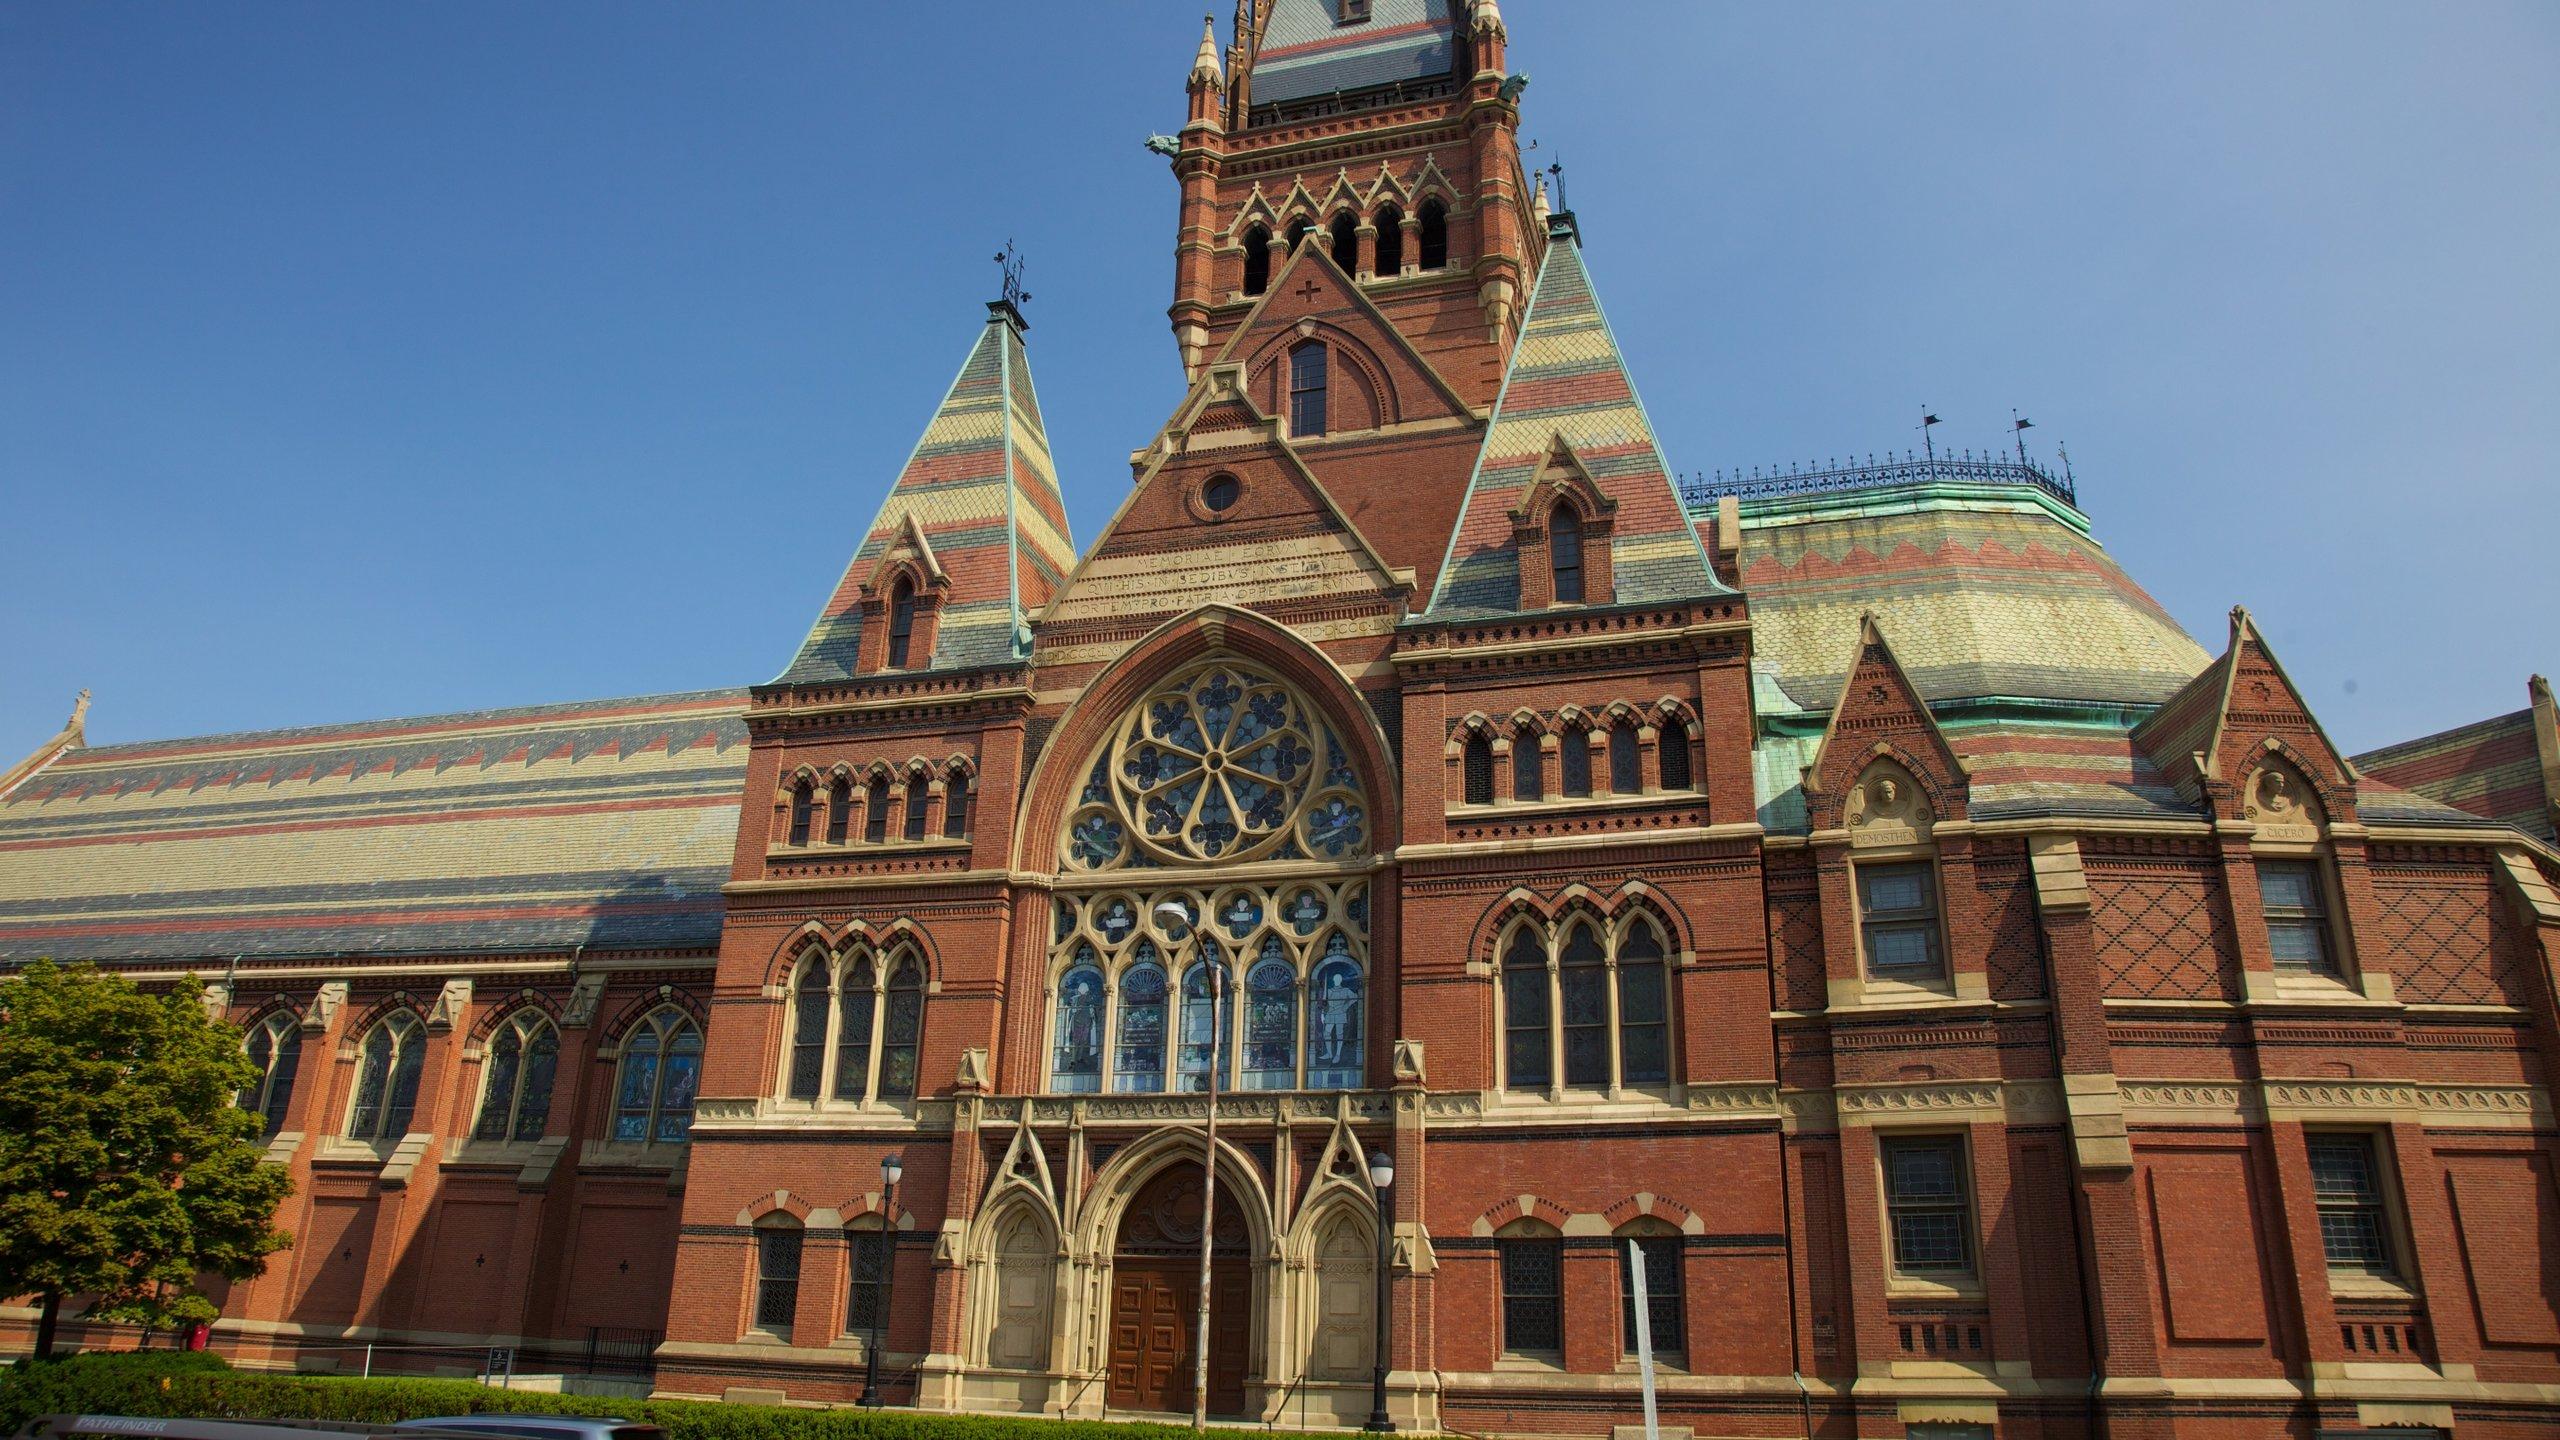 Siga os passos dos presidentes e ganhadores do prêmio Nobel em uma das mais antigas e prestigiadas universidades dos Estados Unidos.